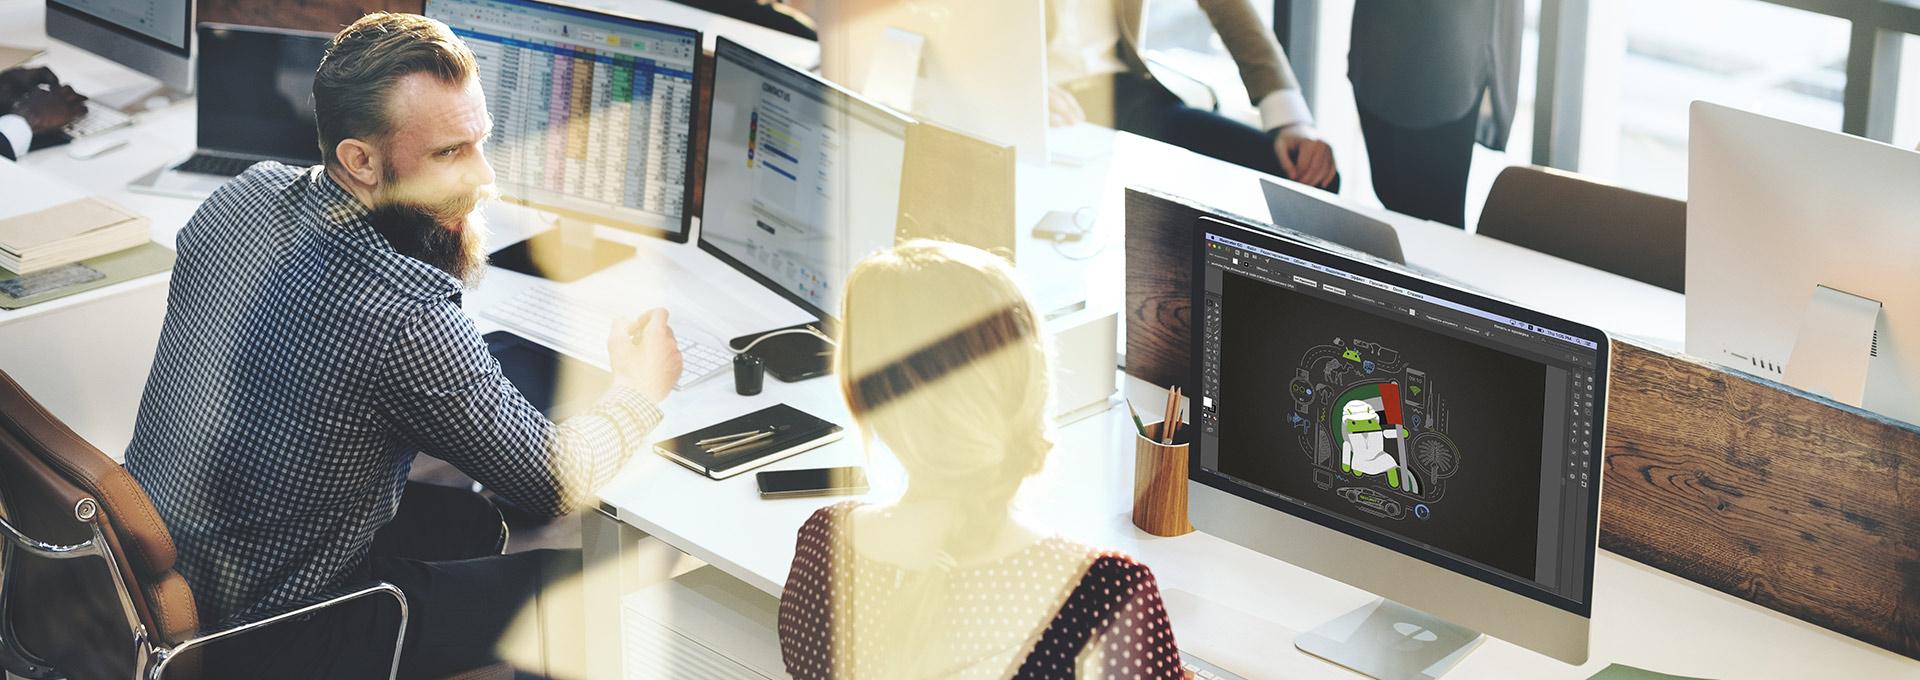 Создание Бренда Компании в ОАЭ | UCCI Group